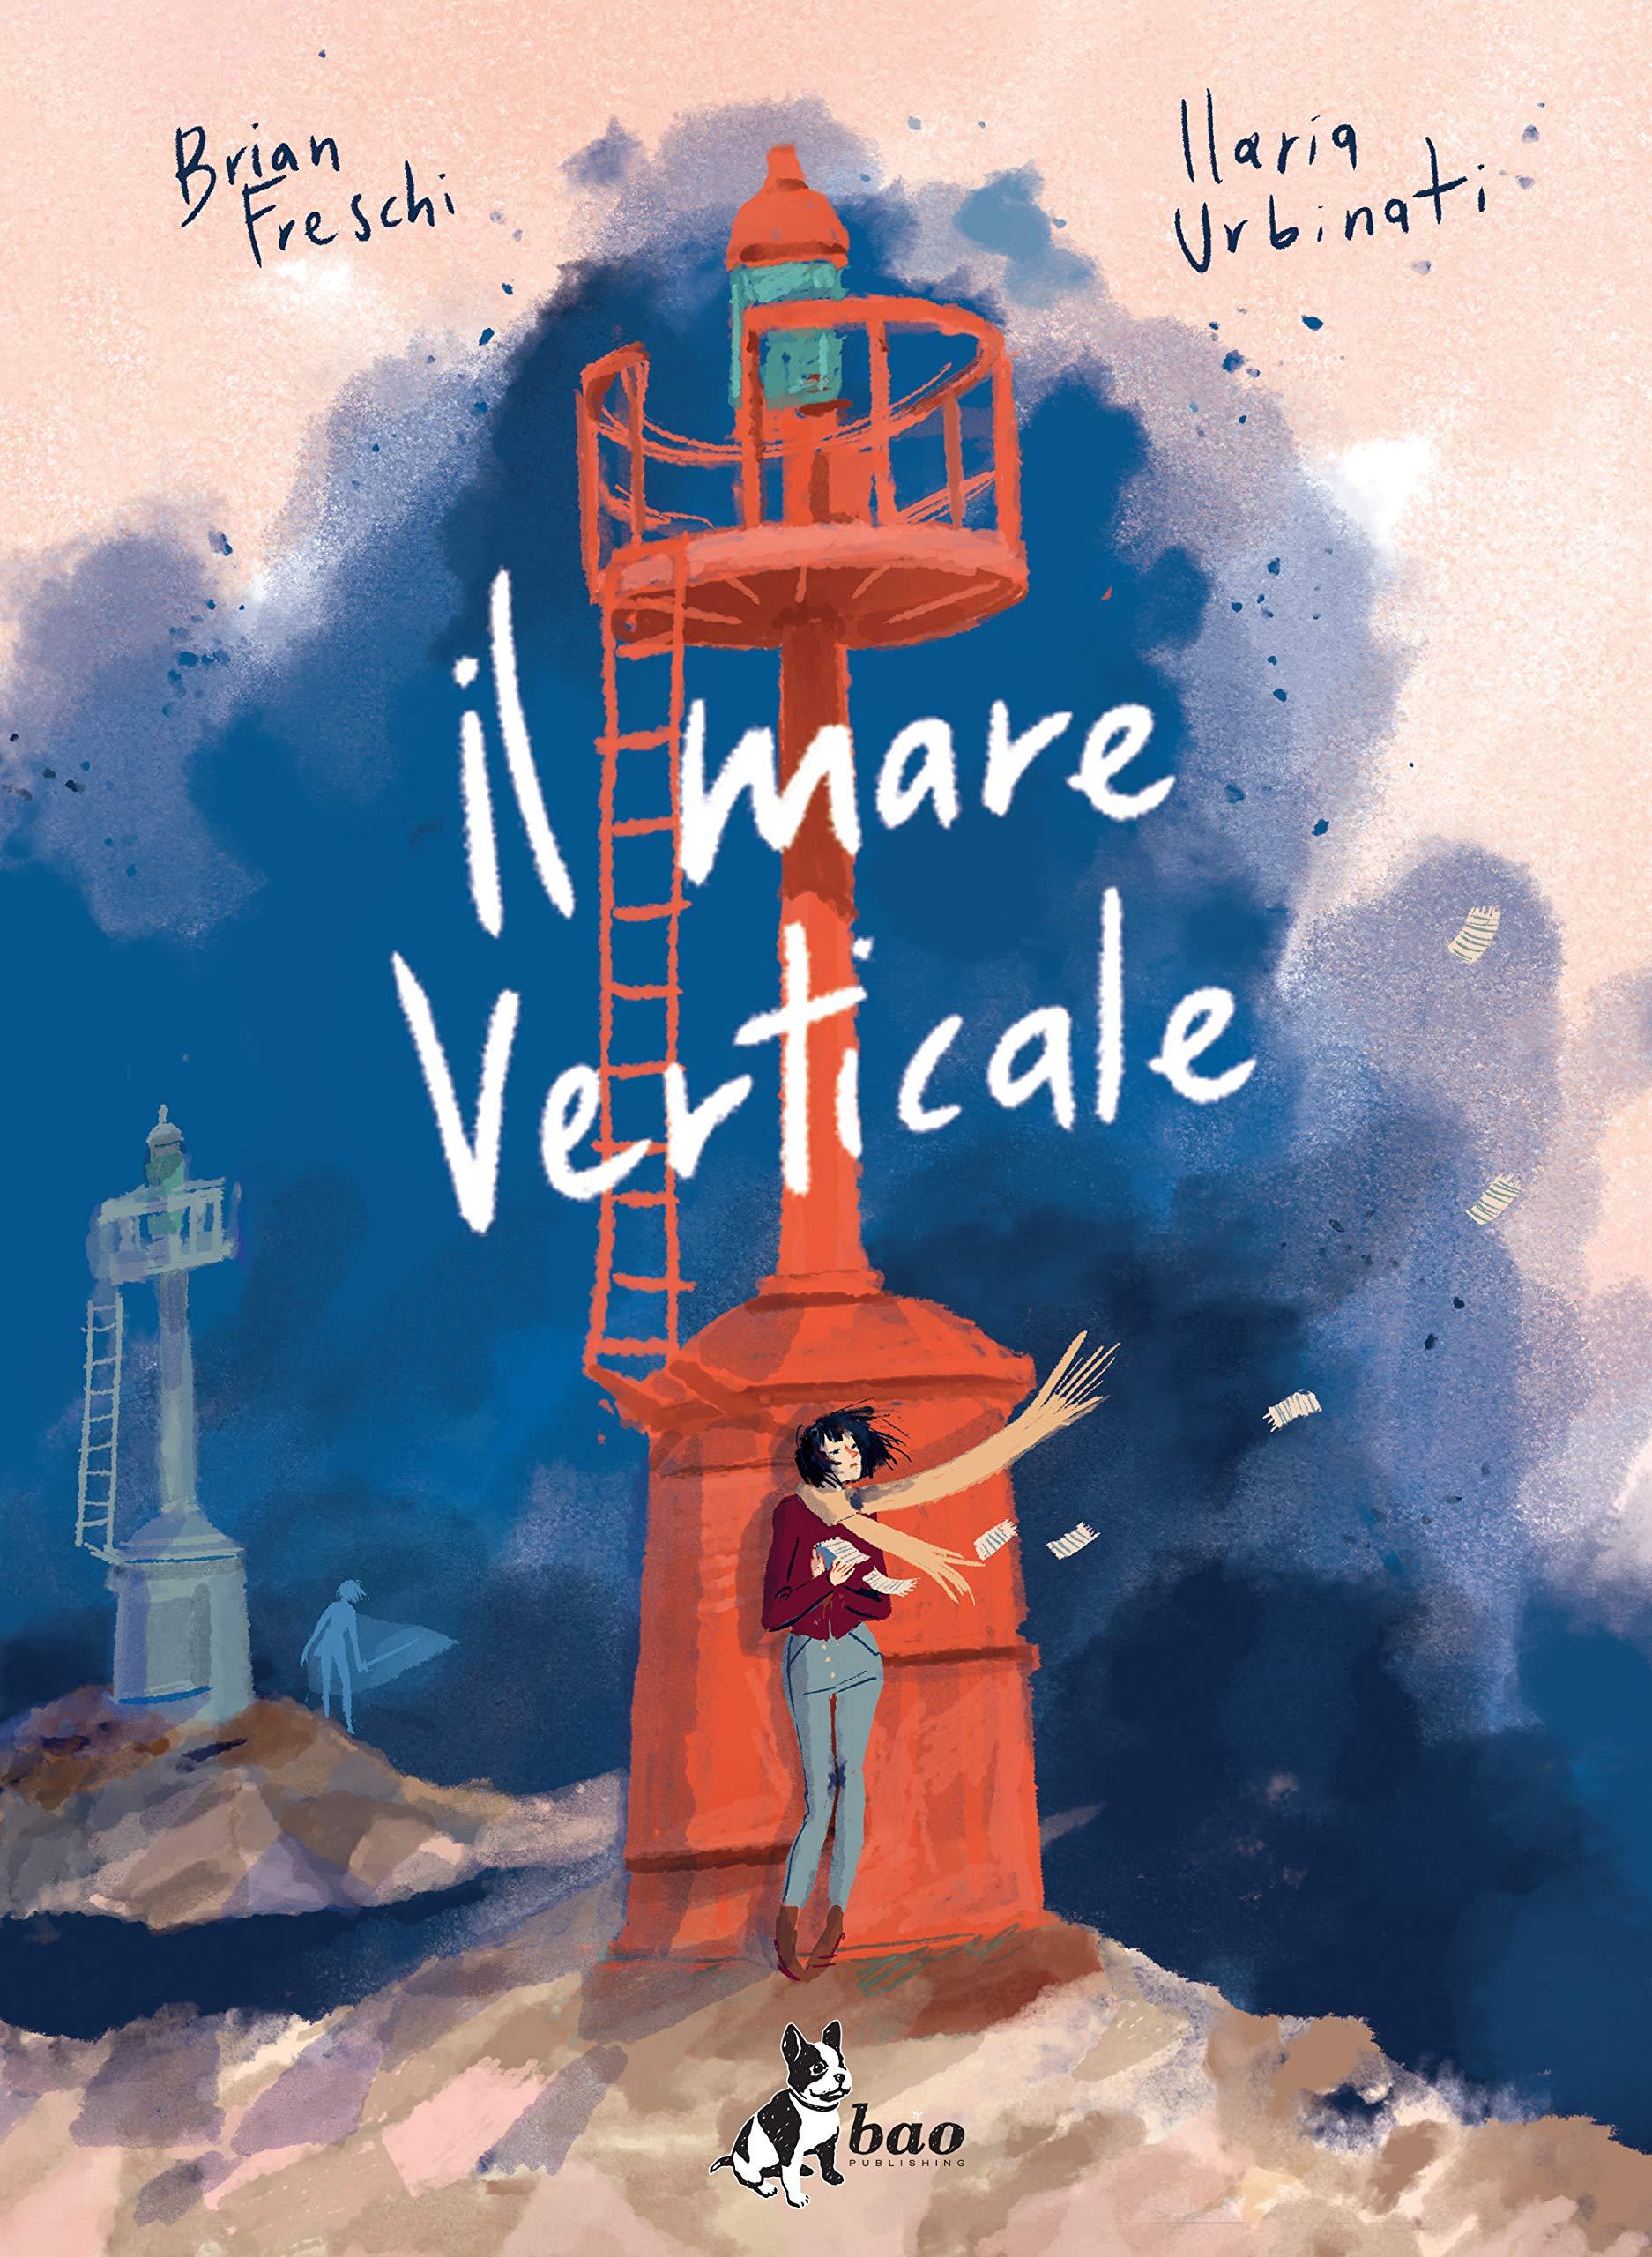 Il mare verticale: Amazon.it: Freschi, Brian, Urbinati, Ilaria: Libri